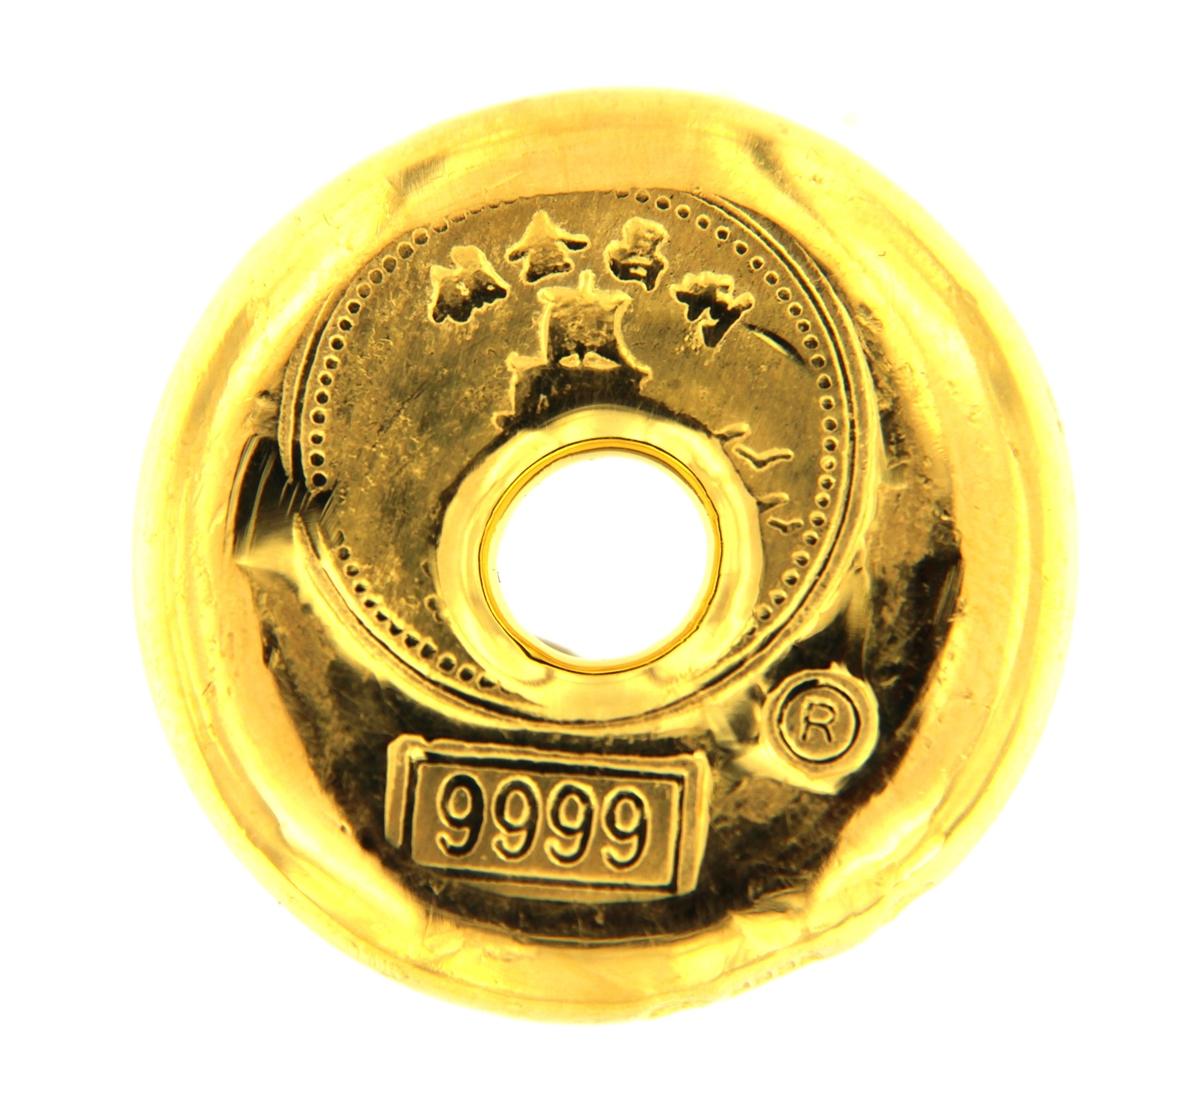 Lee Cheong Hong Kong 1 Tael 37 42 Gr Cast 24 Carat Gold Bullion Doughnut Bar 203